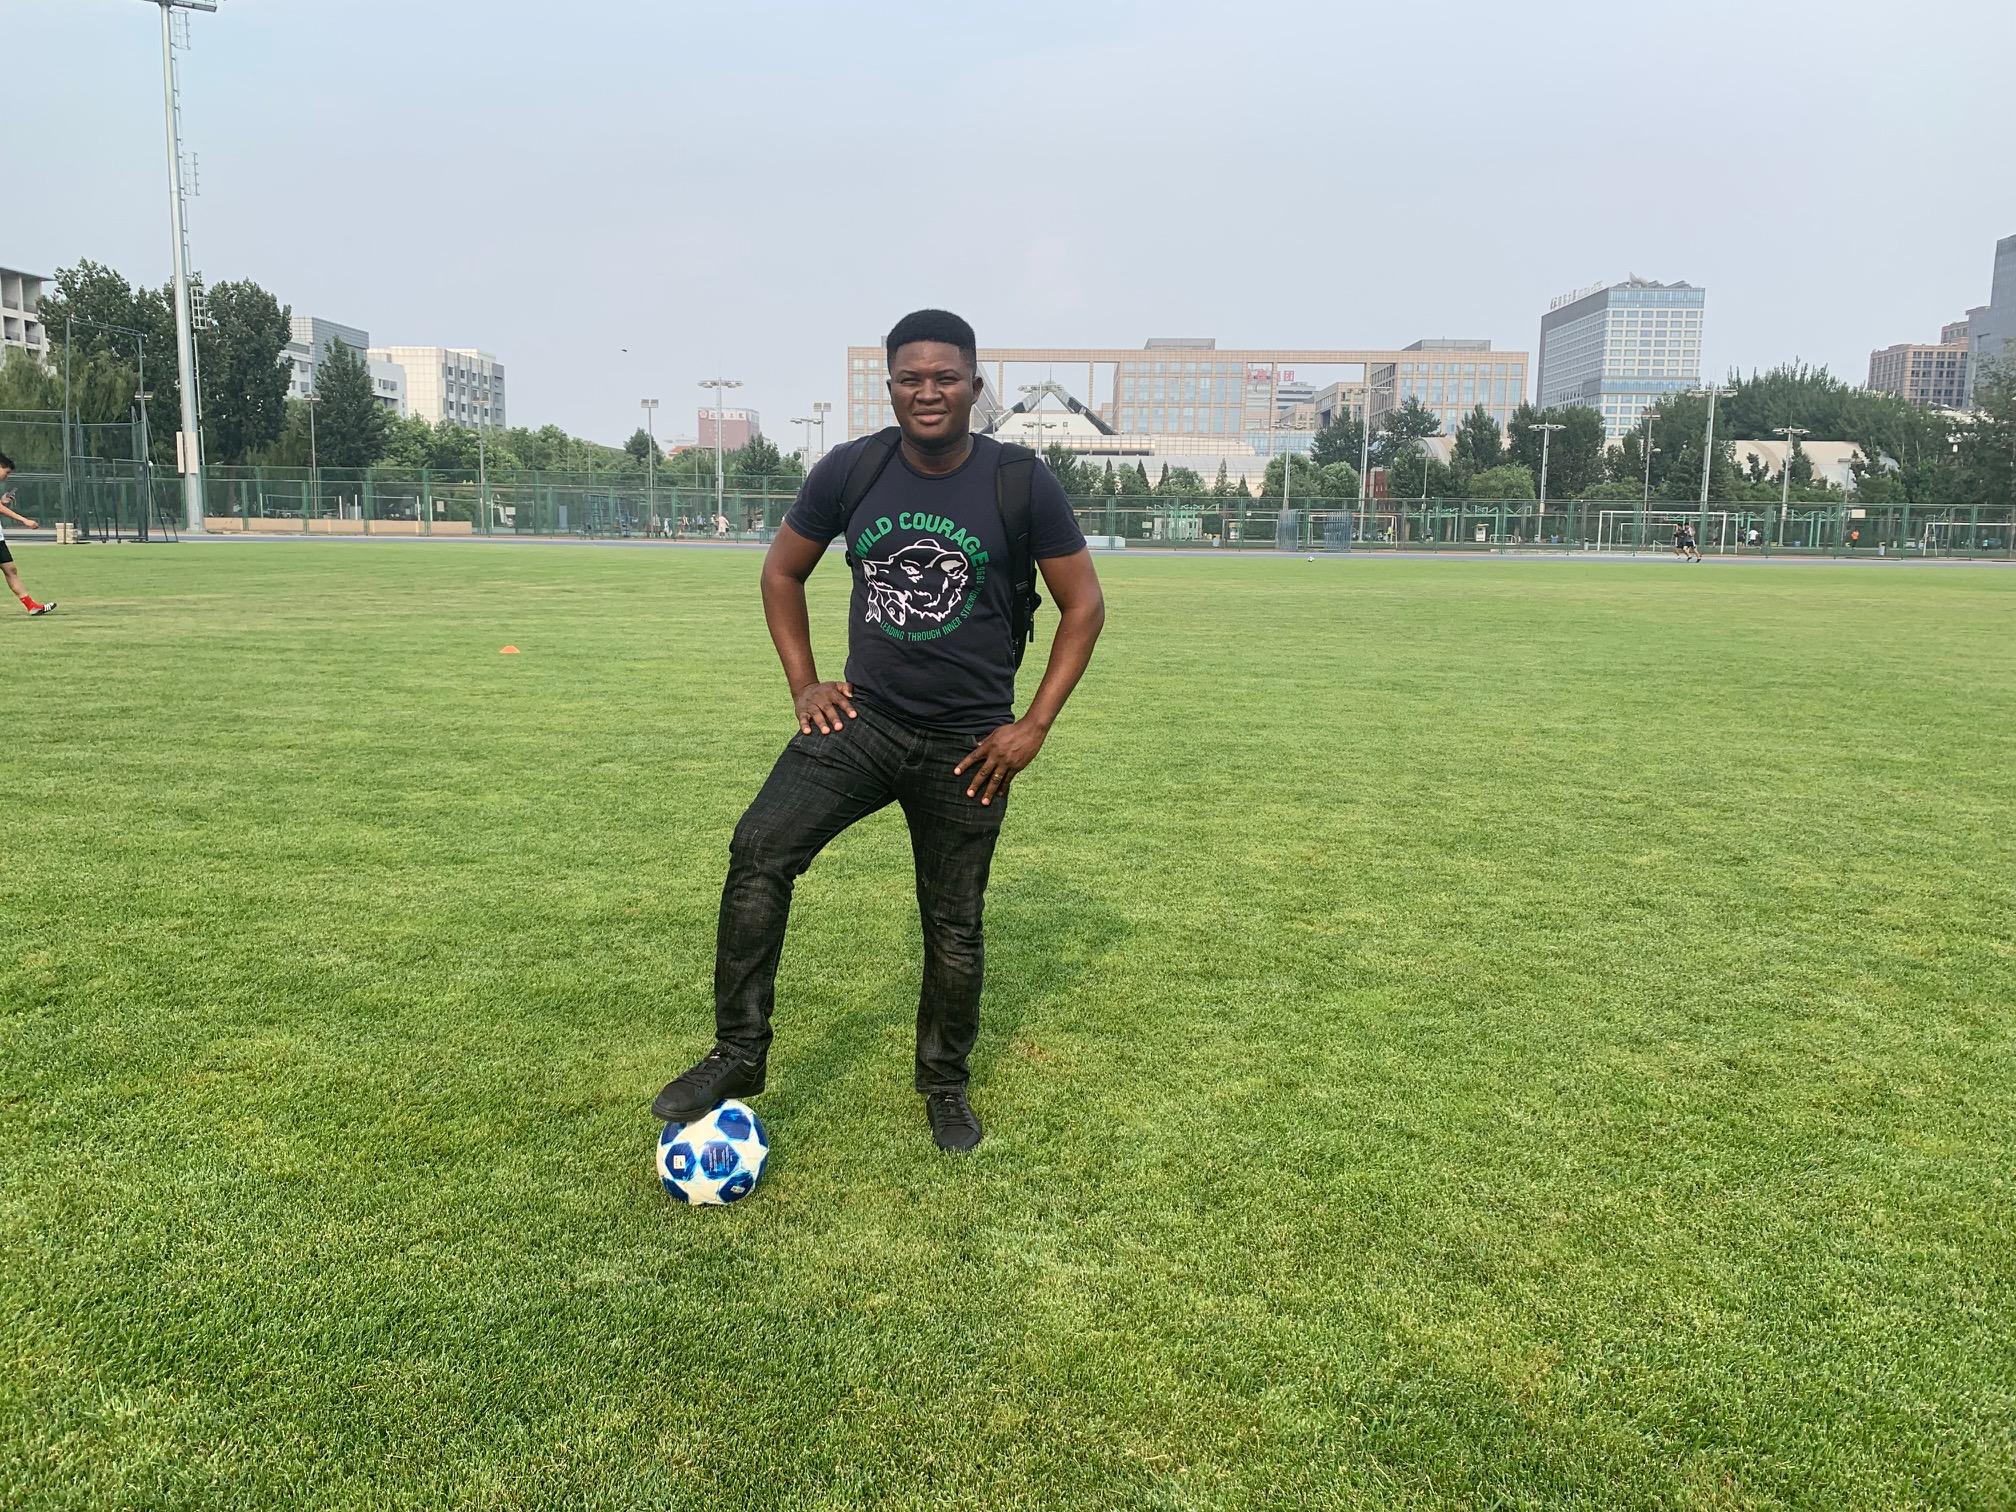 Fabrice Mfuamba au stade.